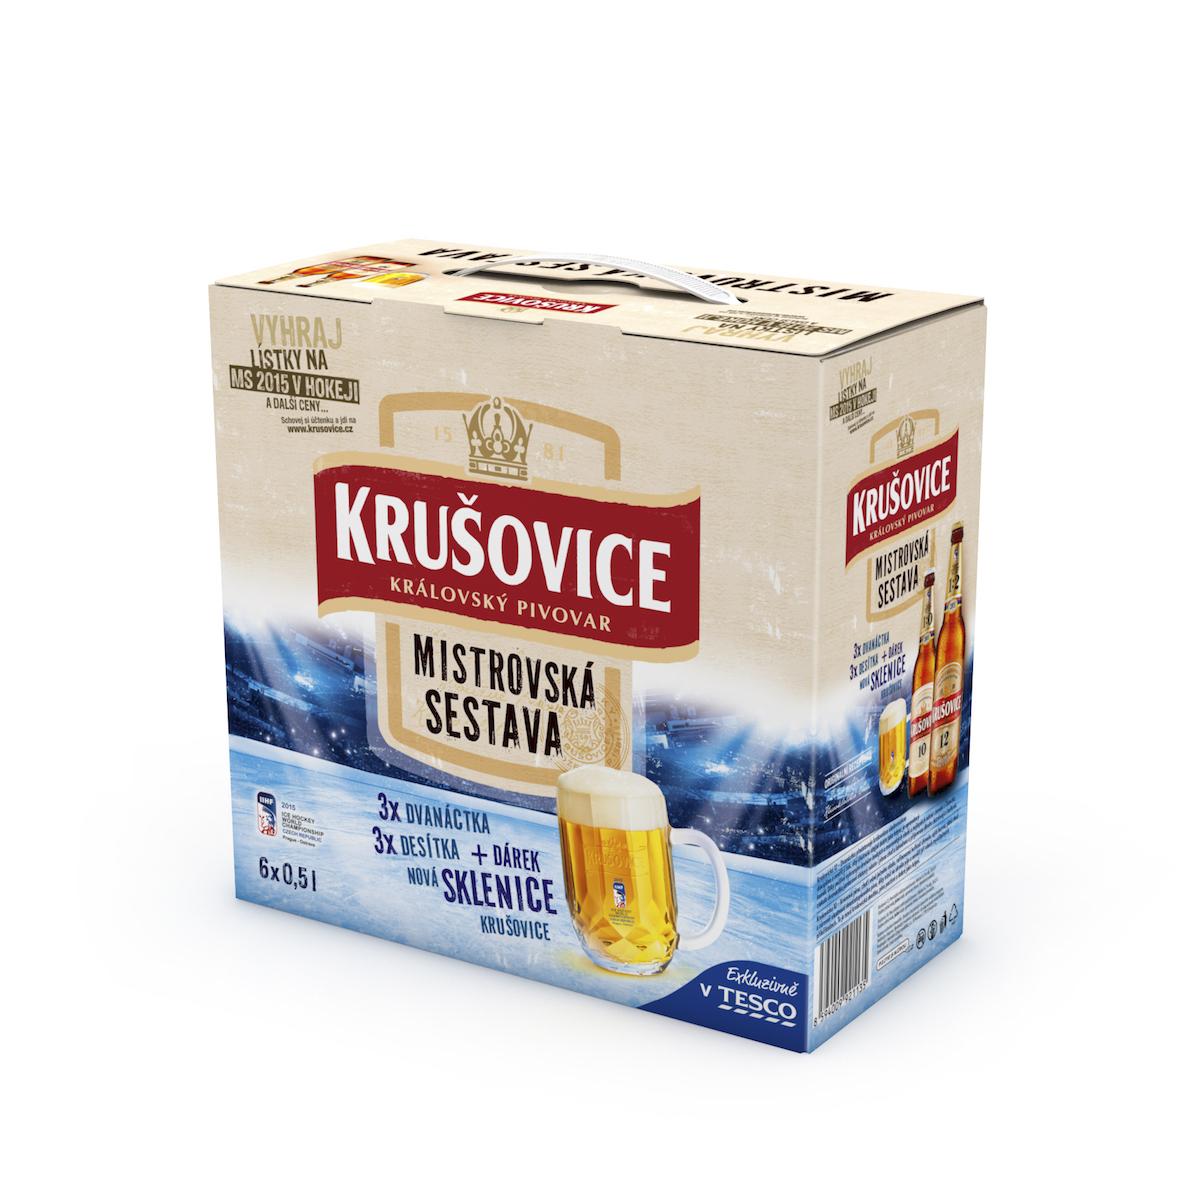 Speciální balení piva Krušovice k hokeji